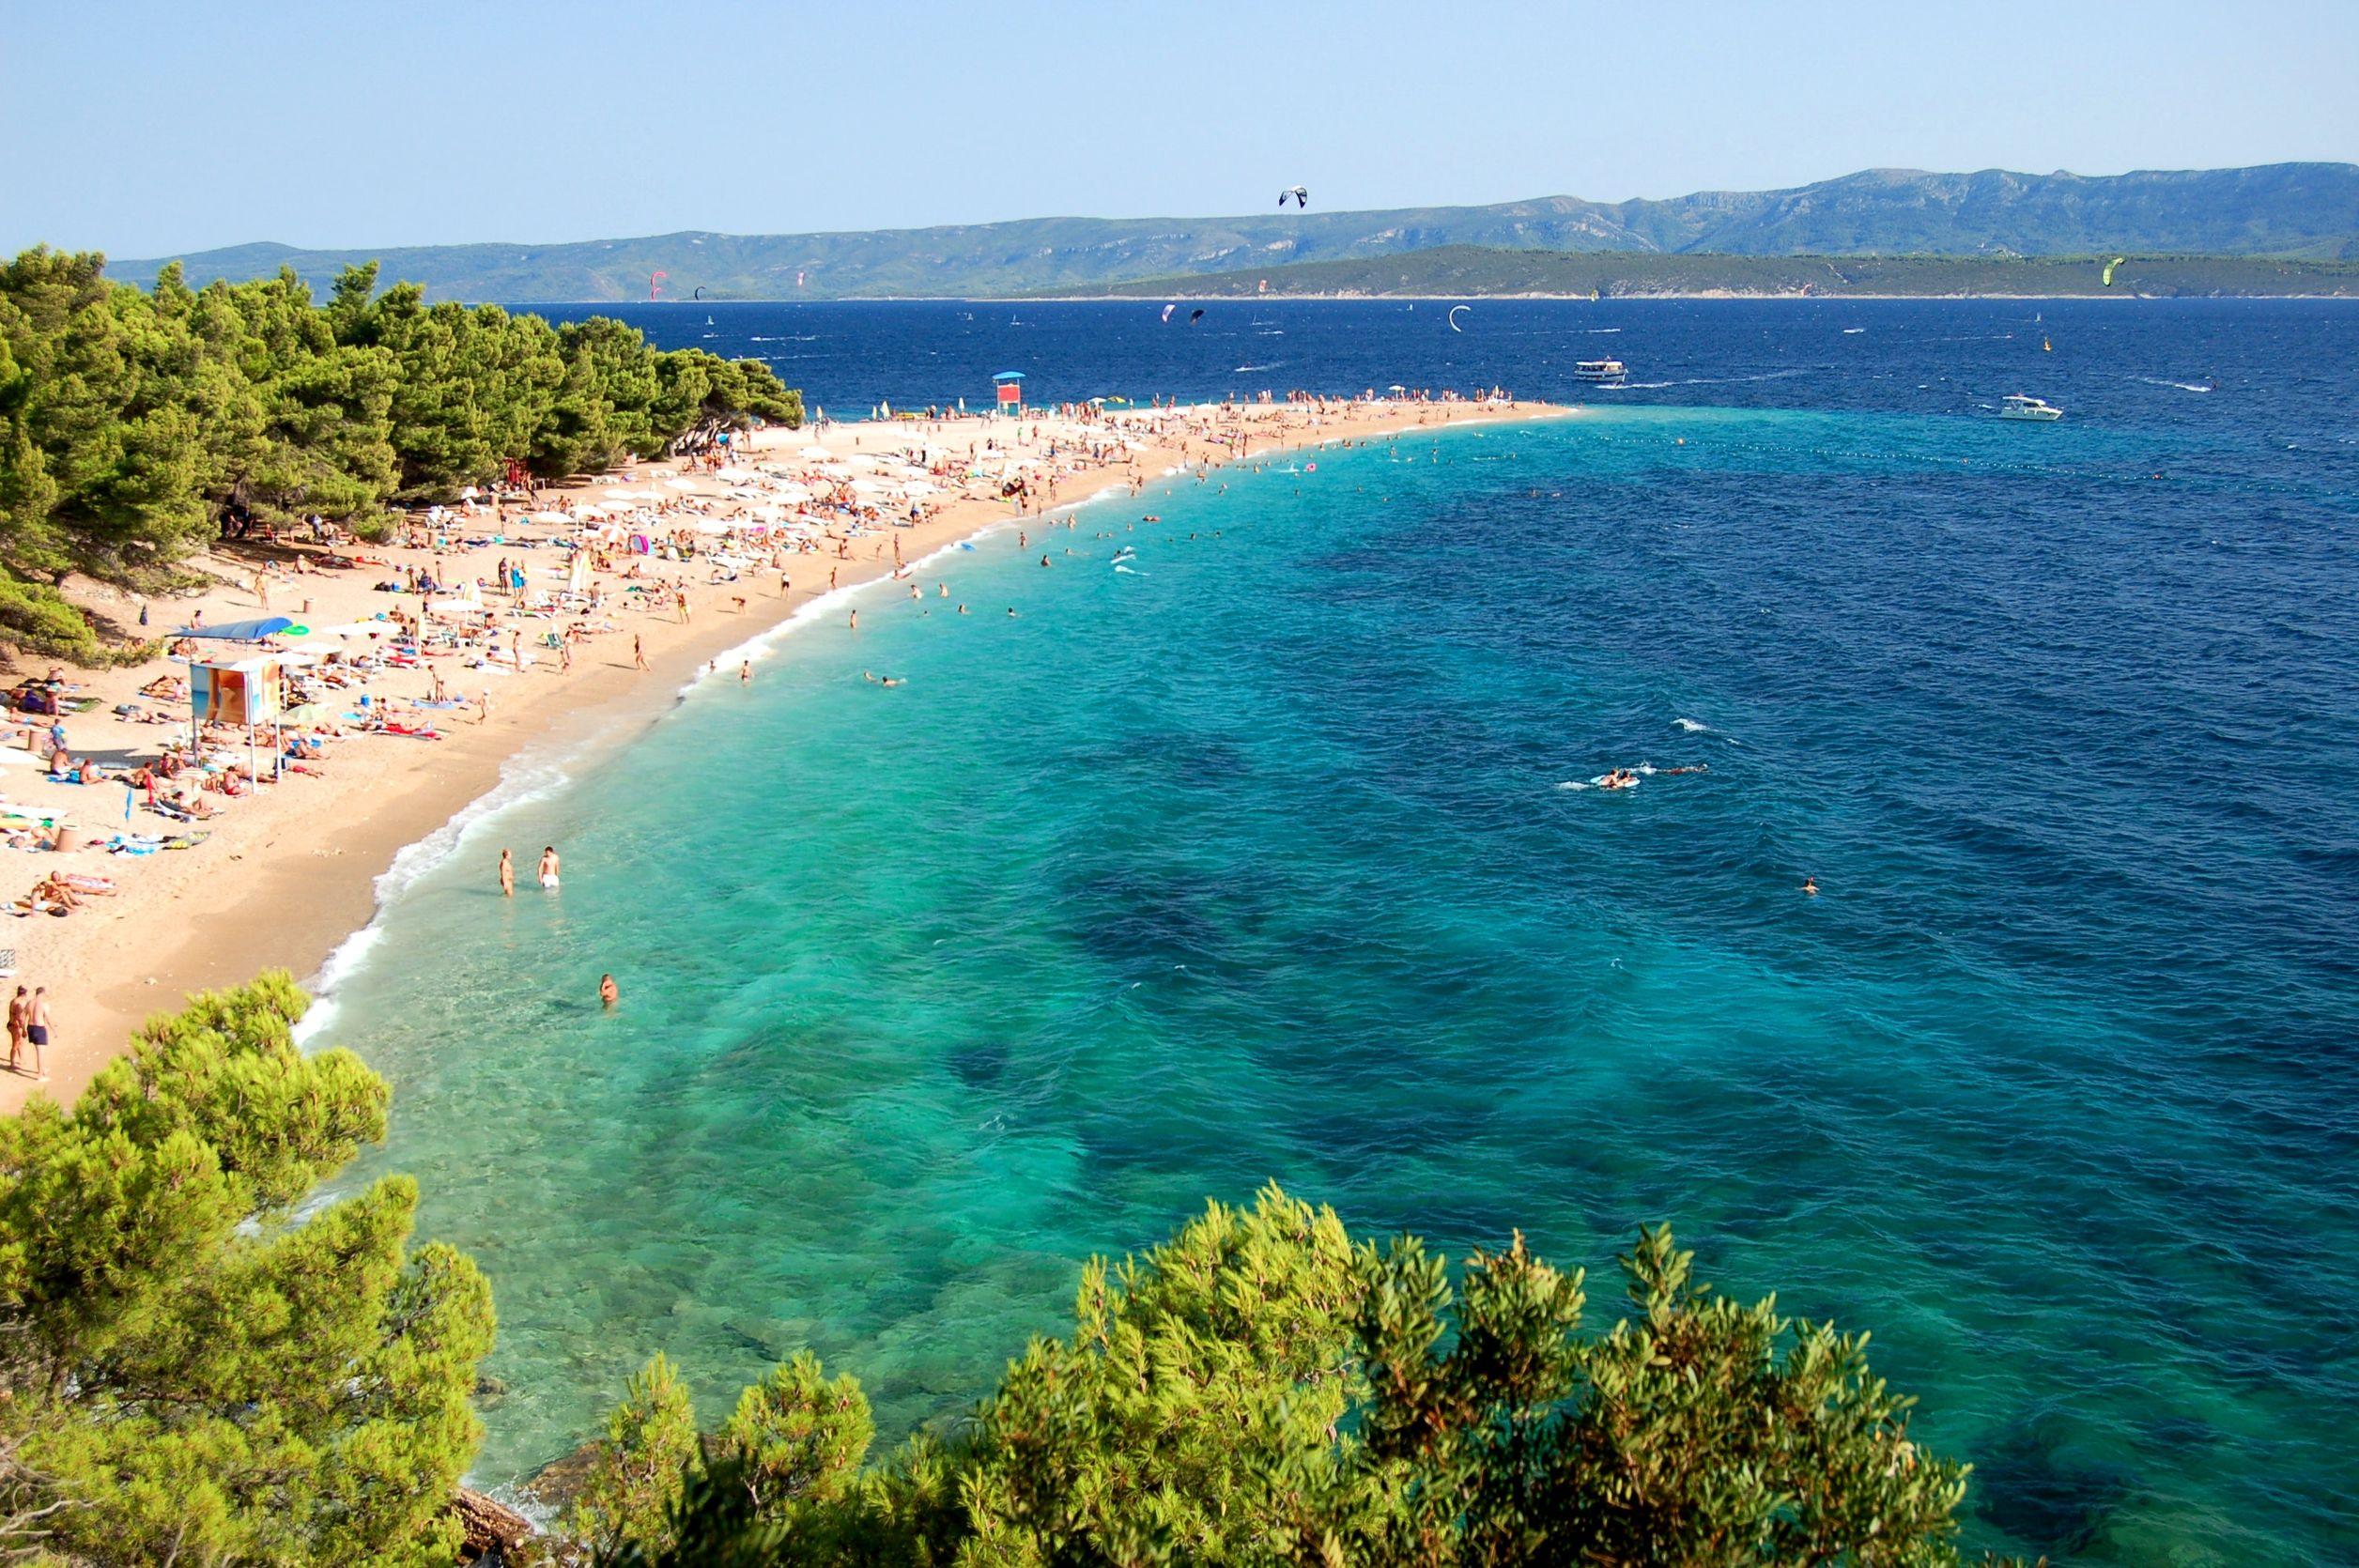 vakantie bestemming kroatie